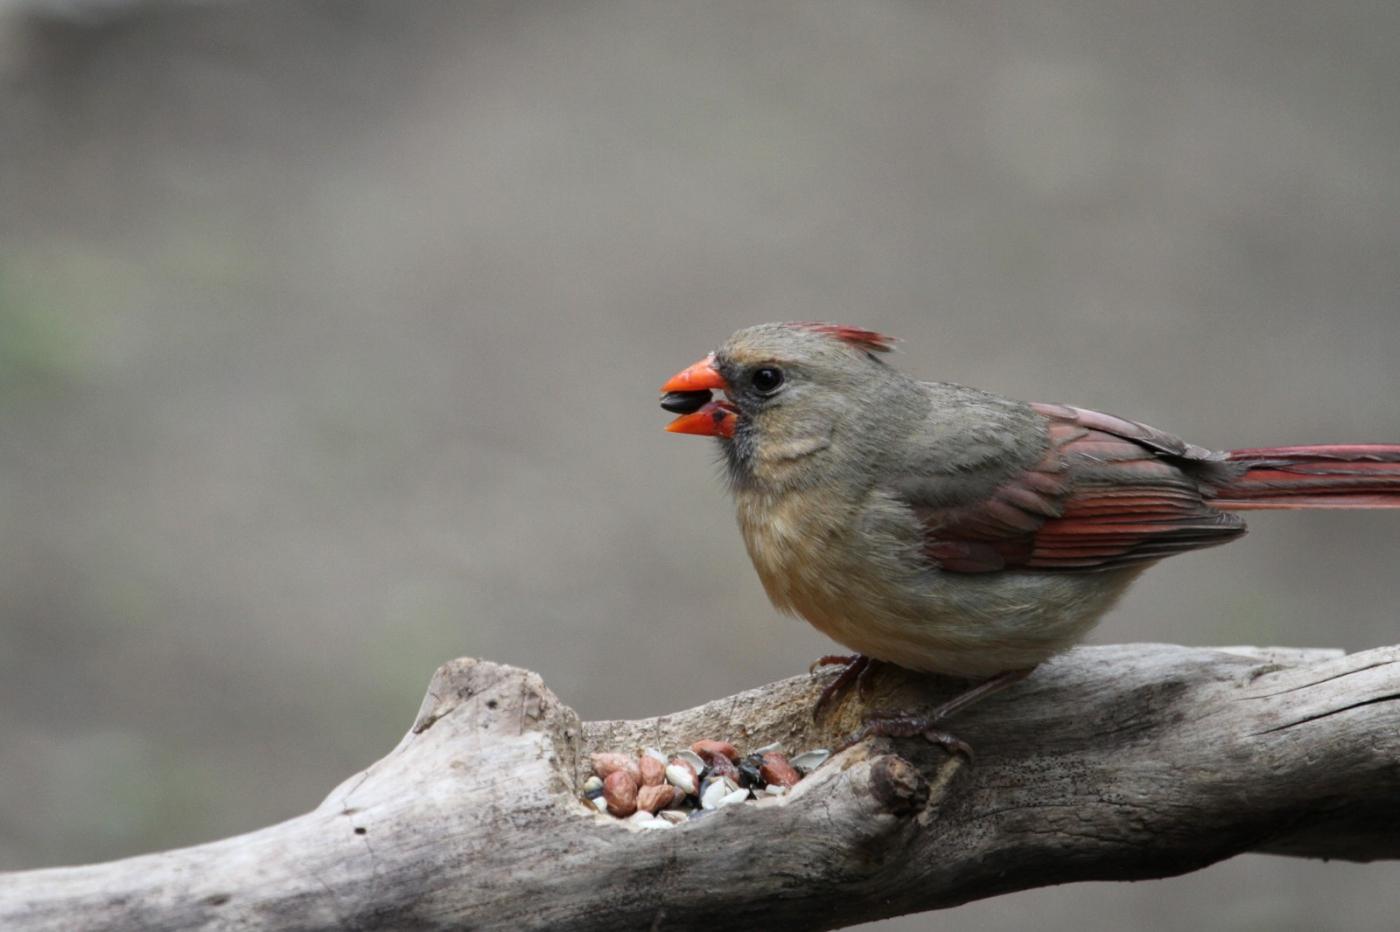 【田螺摄影】有吃的主教鸟还会挑肥拣瘦_图1-1